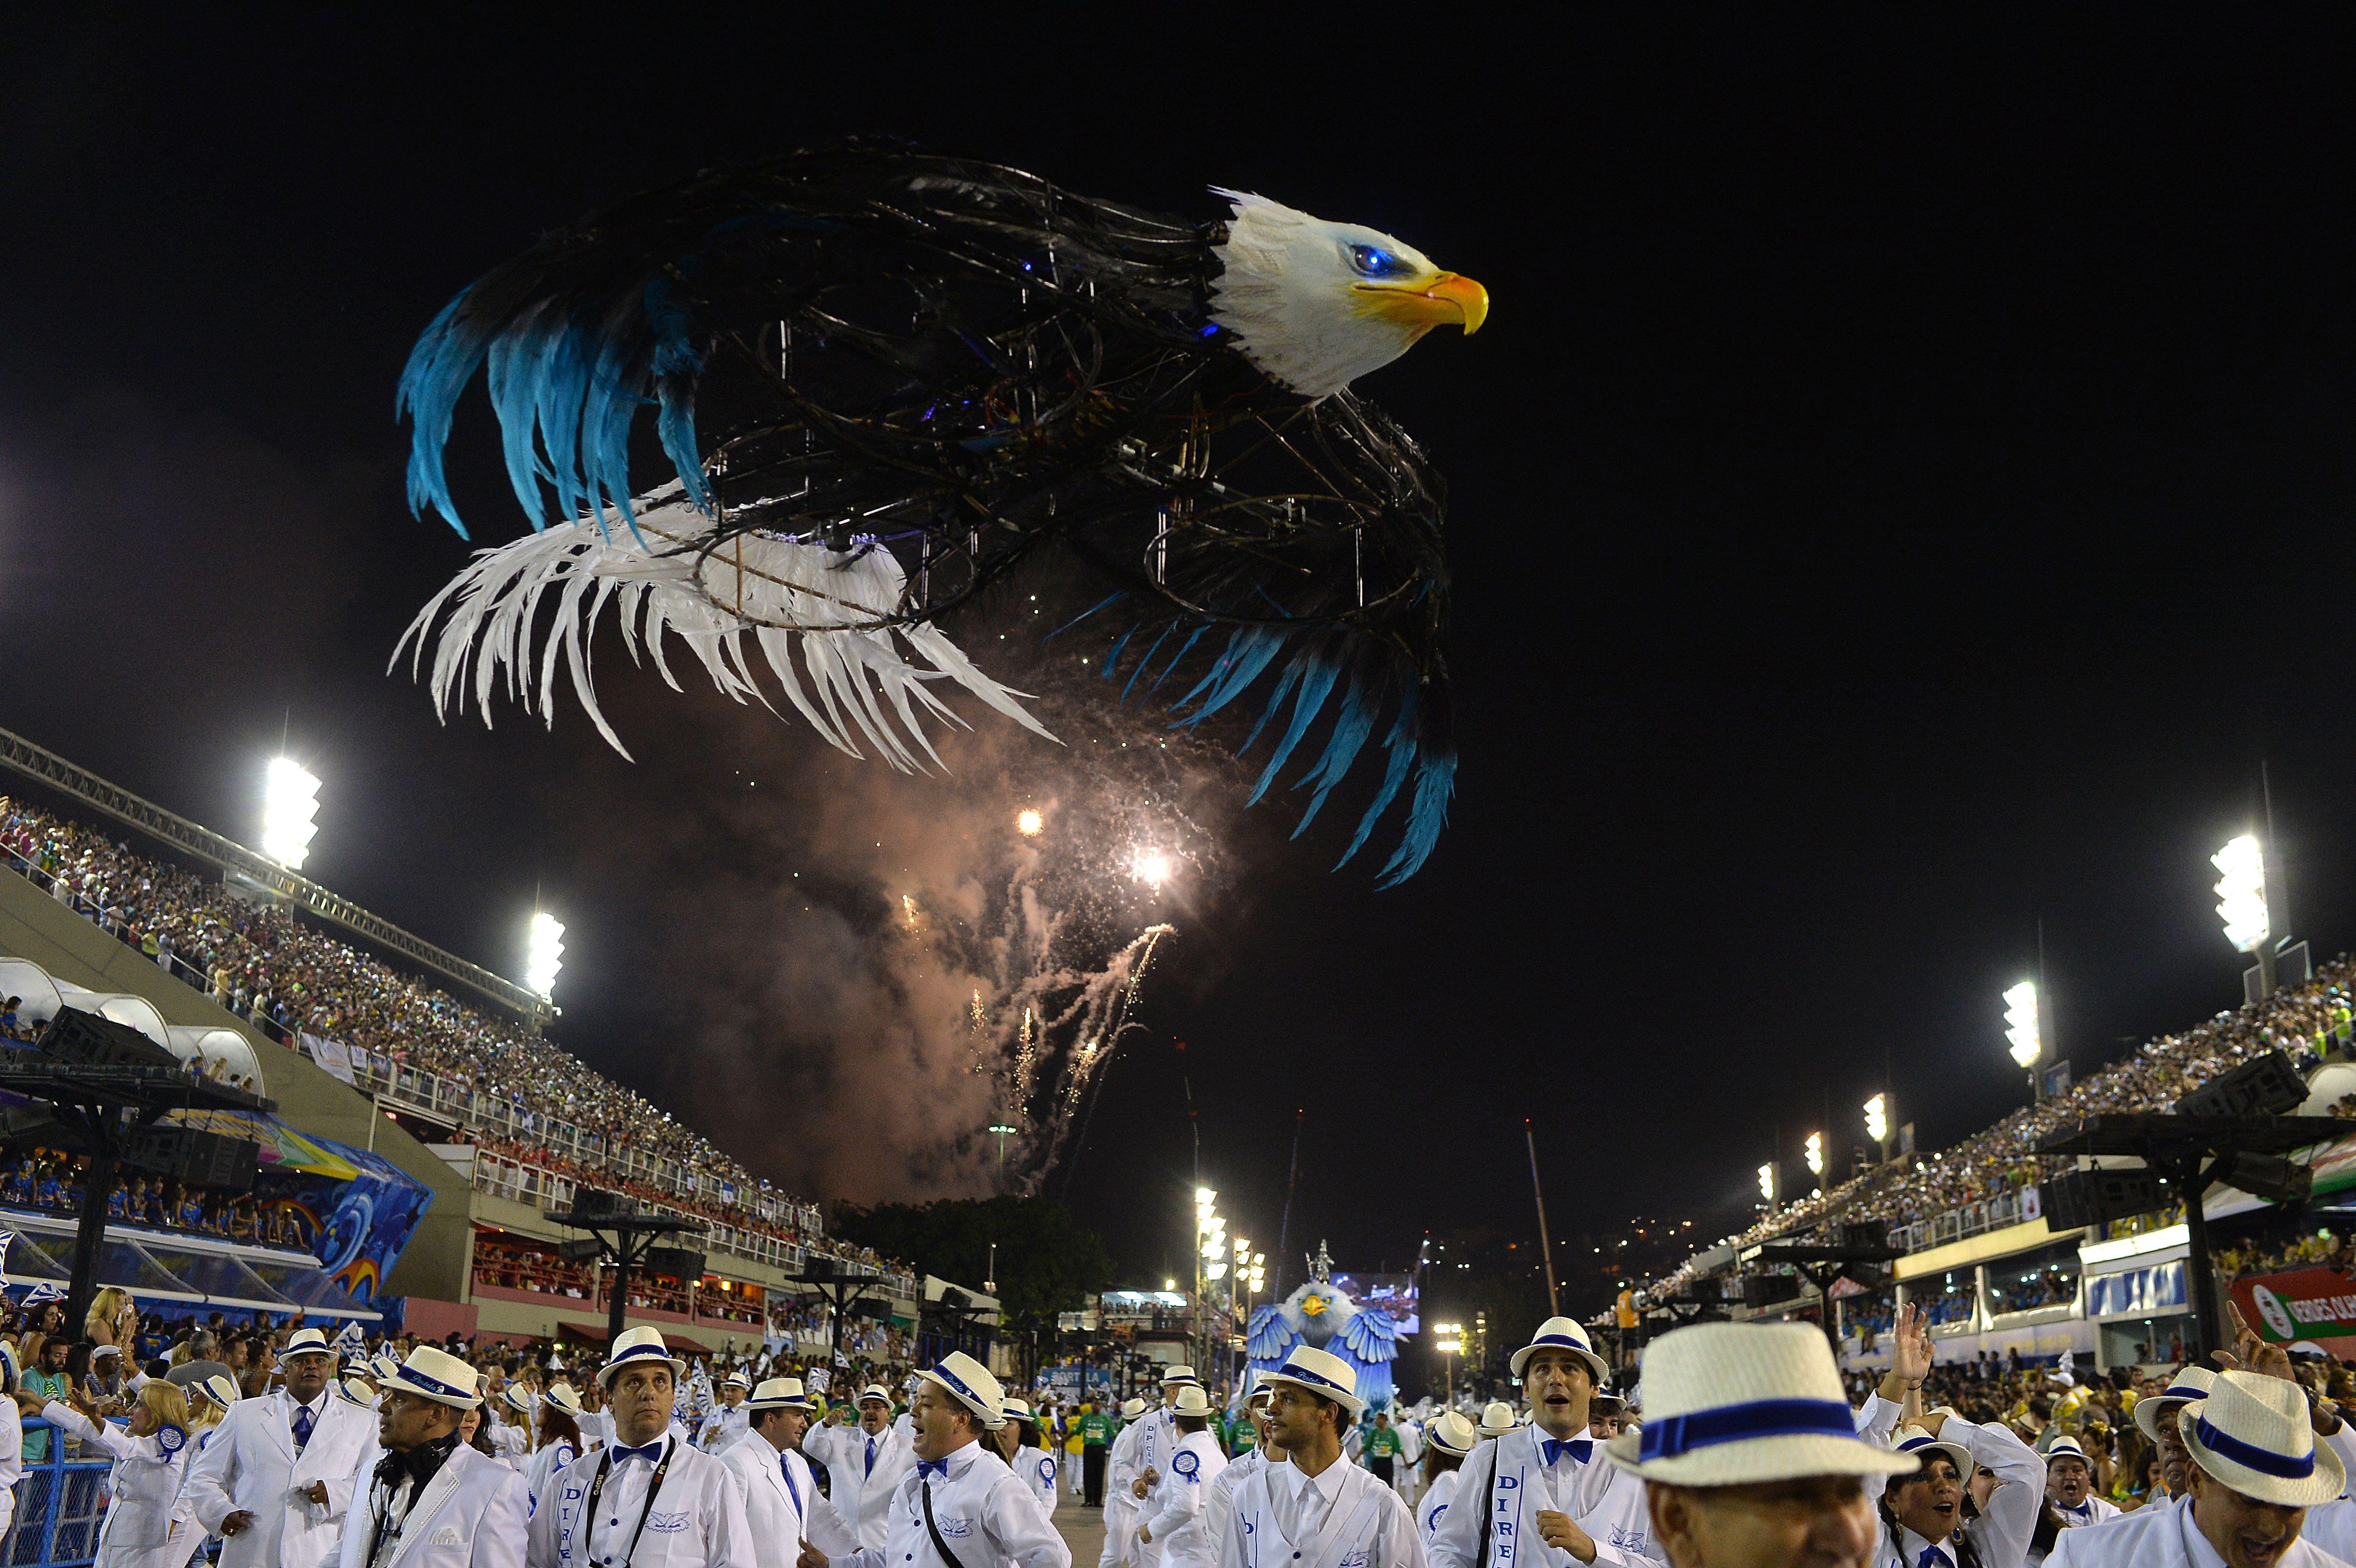 Portela inovou com drone em formato de águia / Yasuyoshi Chiba/AFP